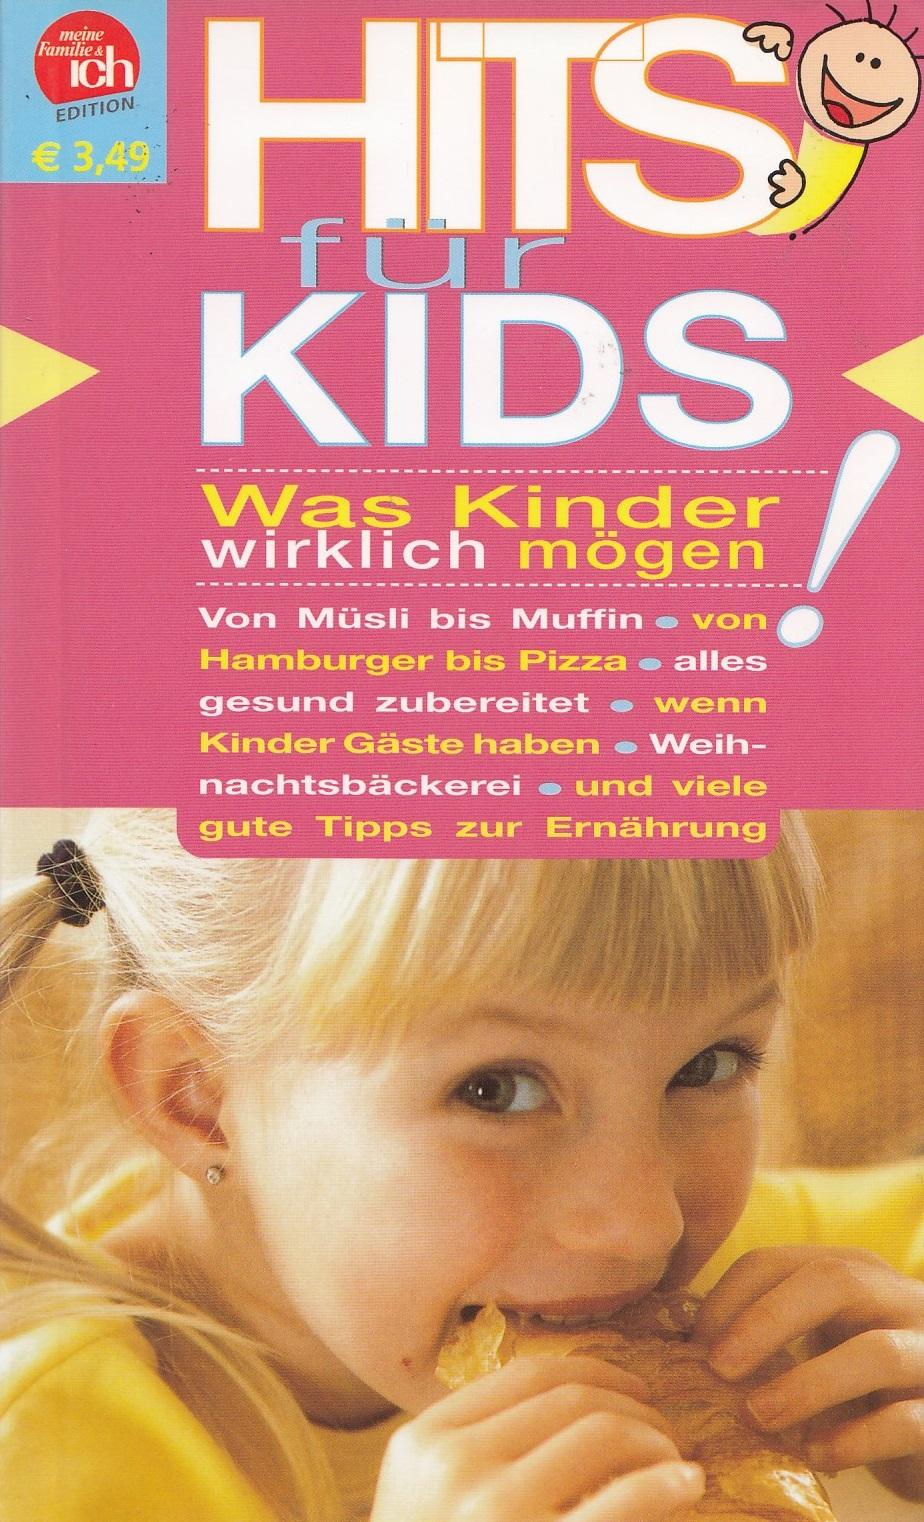 Meine familie & ich: Hits für Kids - Was Kinder wirklich mögen! [Broschiert]